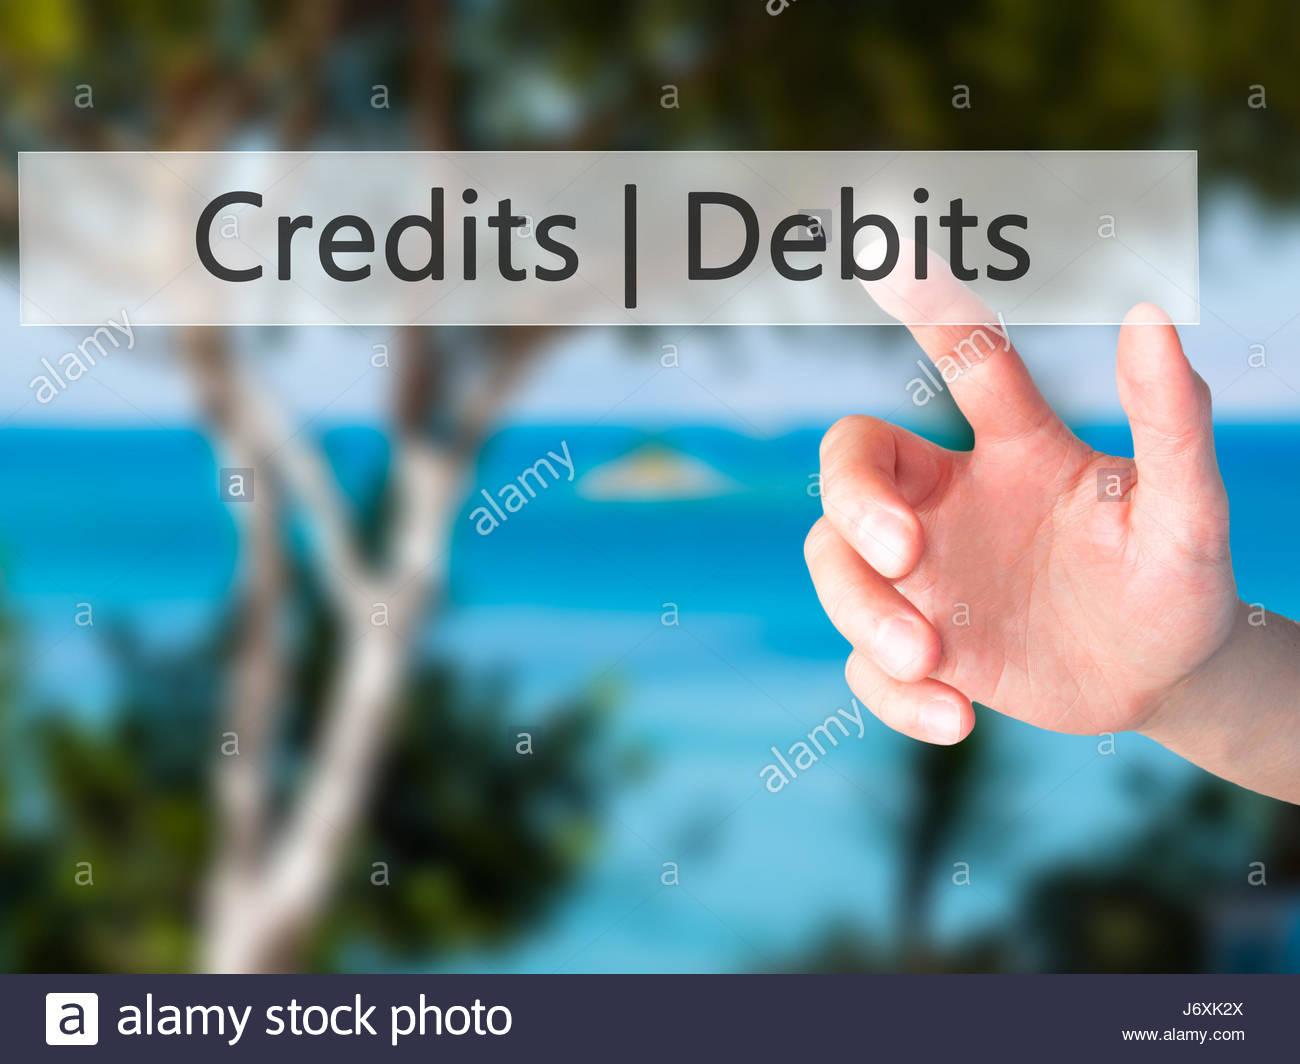 Understanding Debits & Credits 4/1